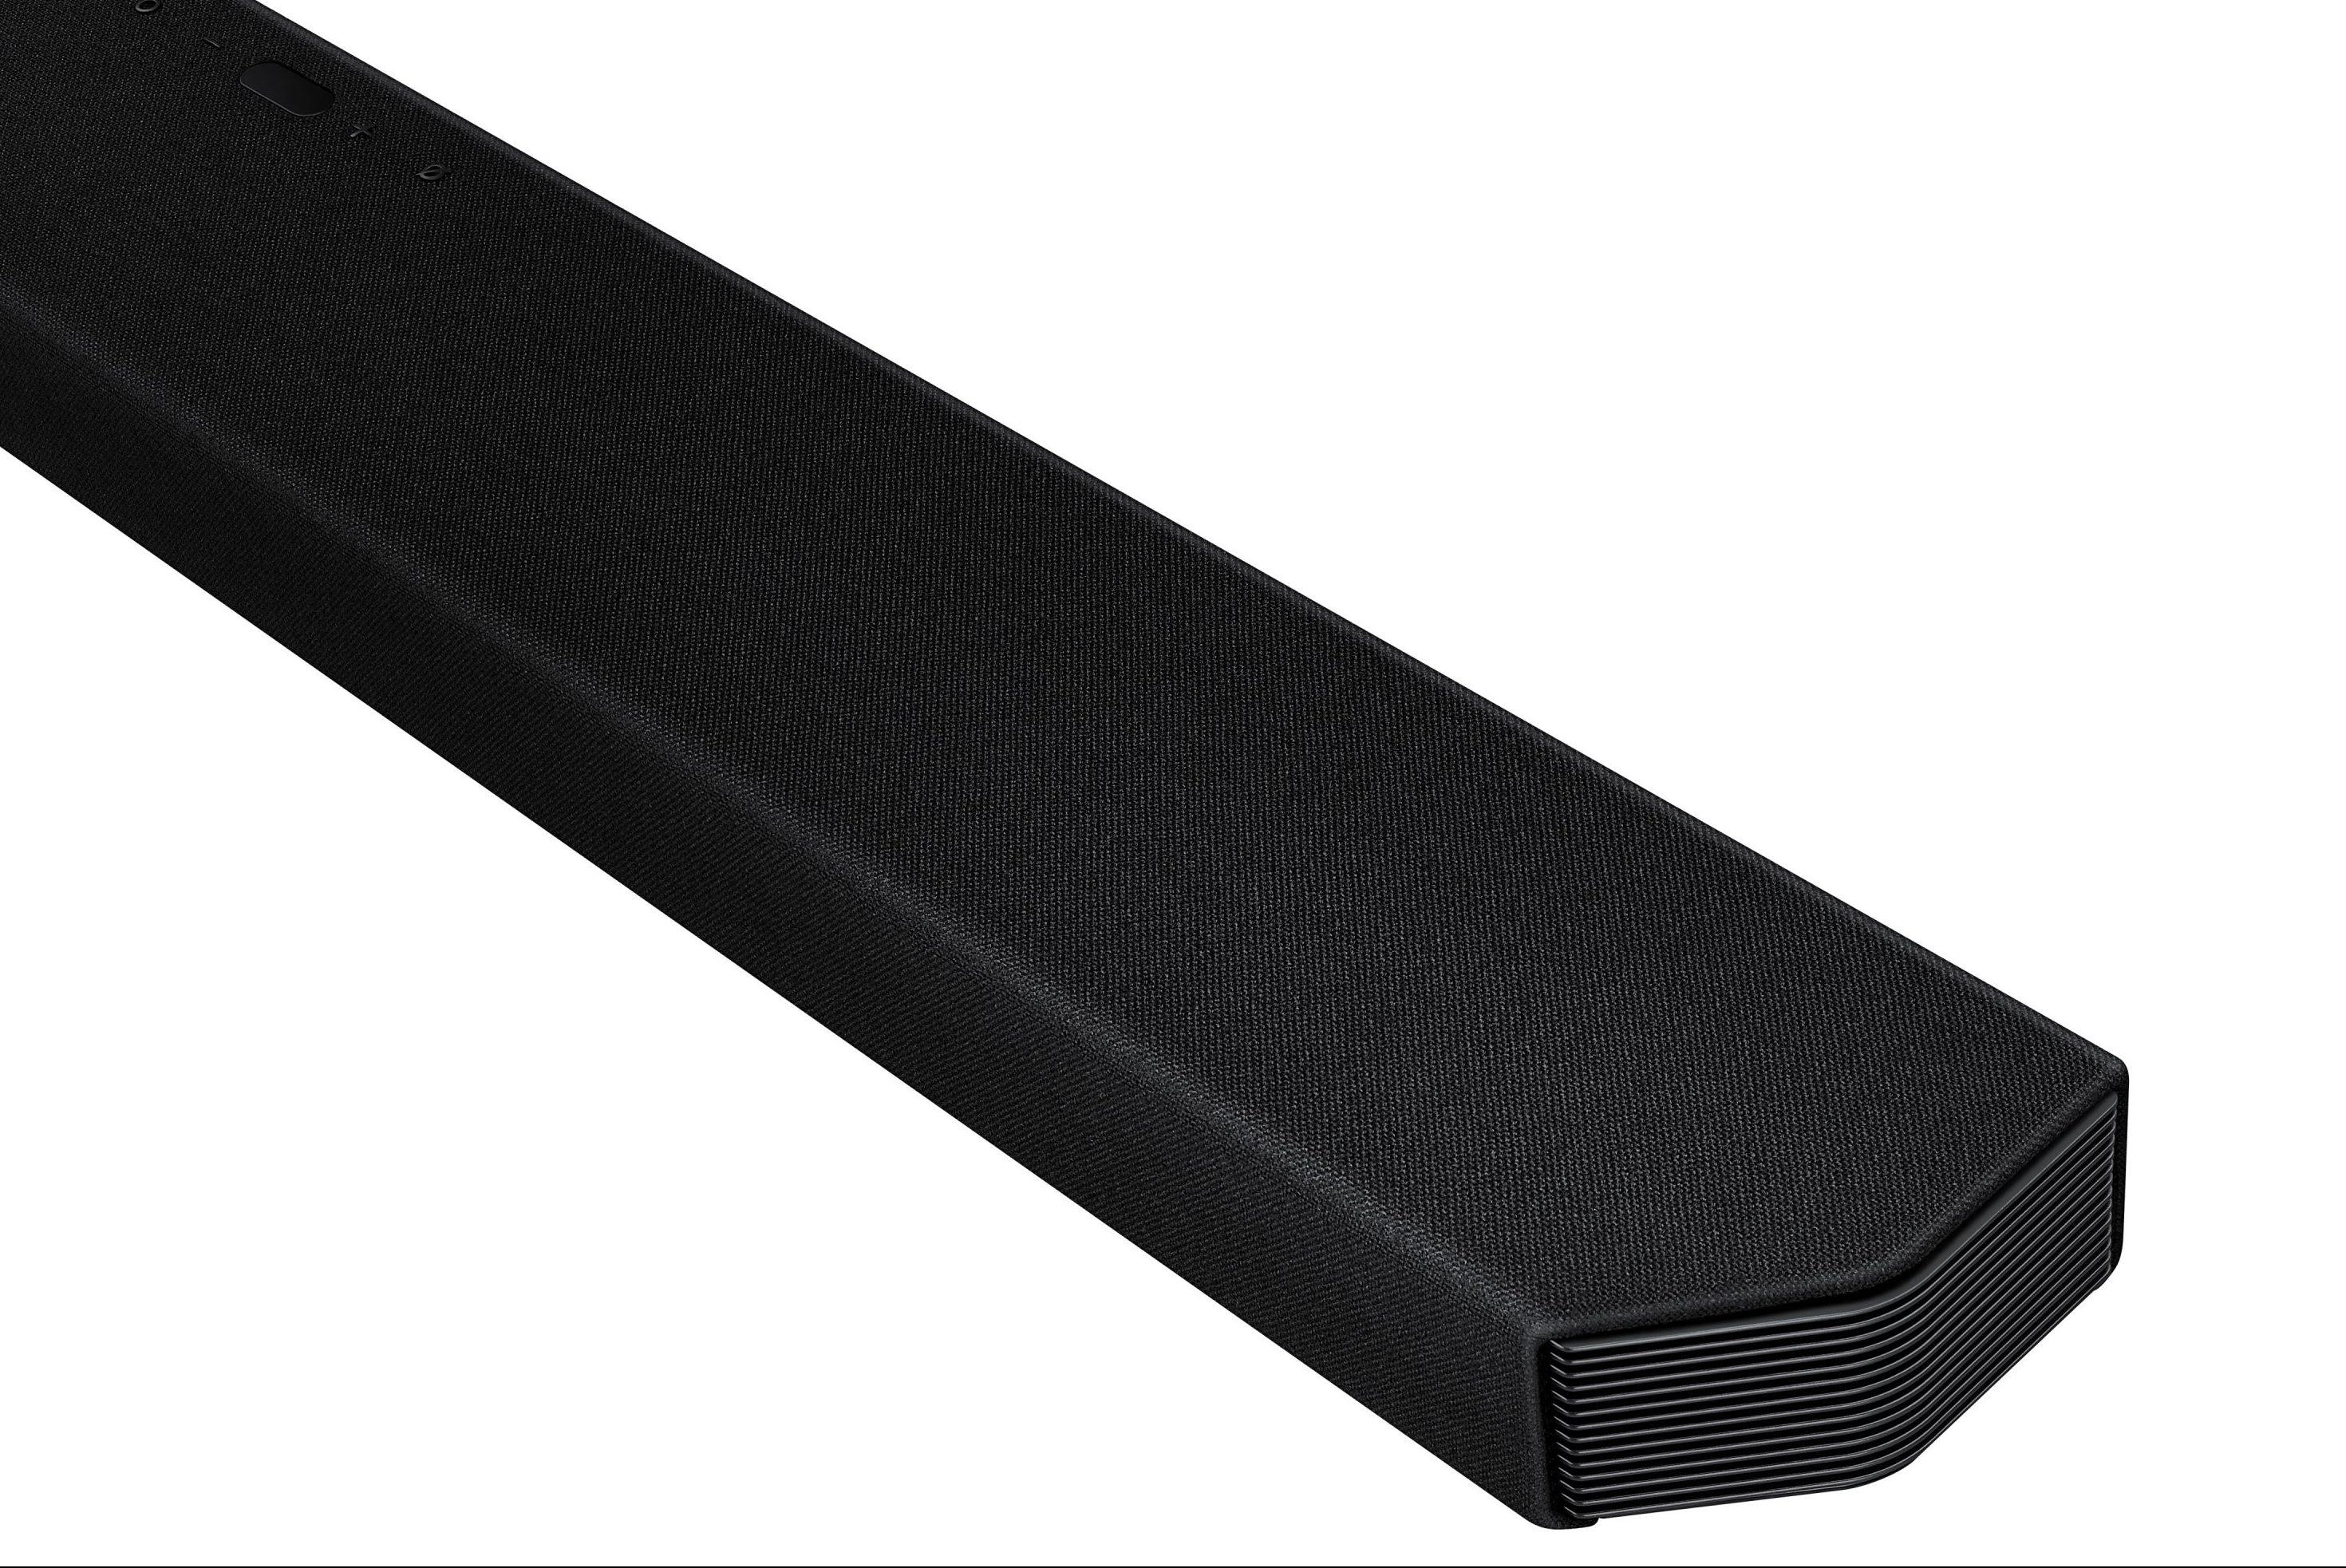 2020 Q-series soundbar HW-Q950T